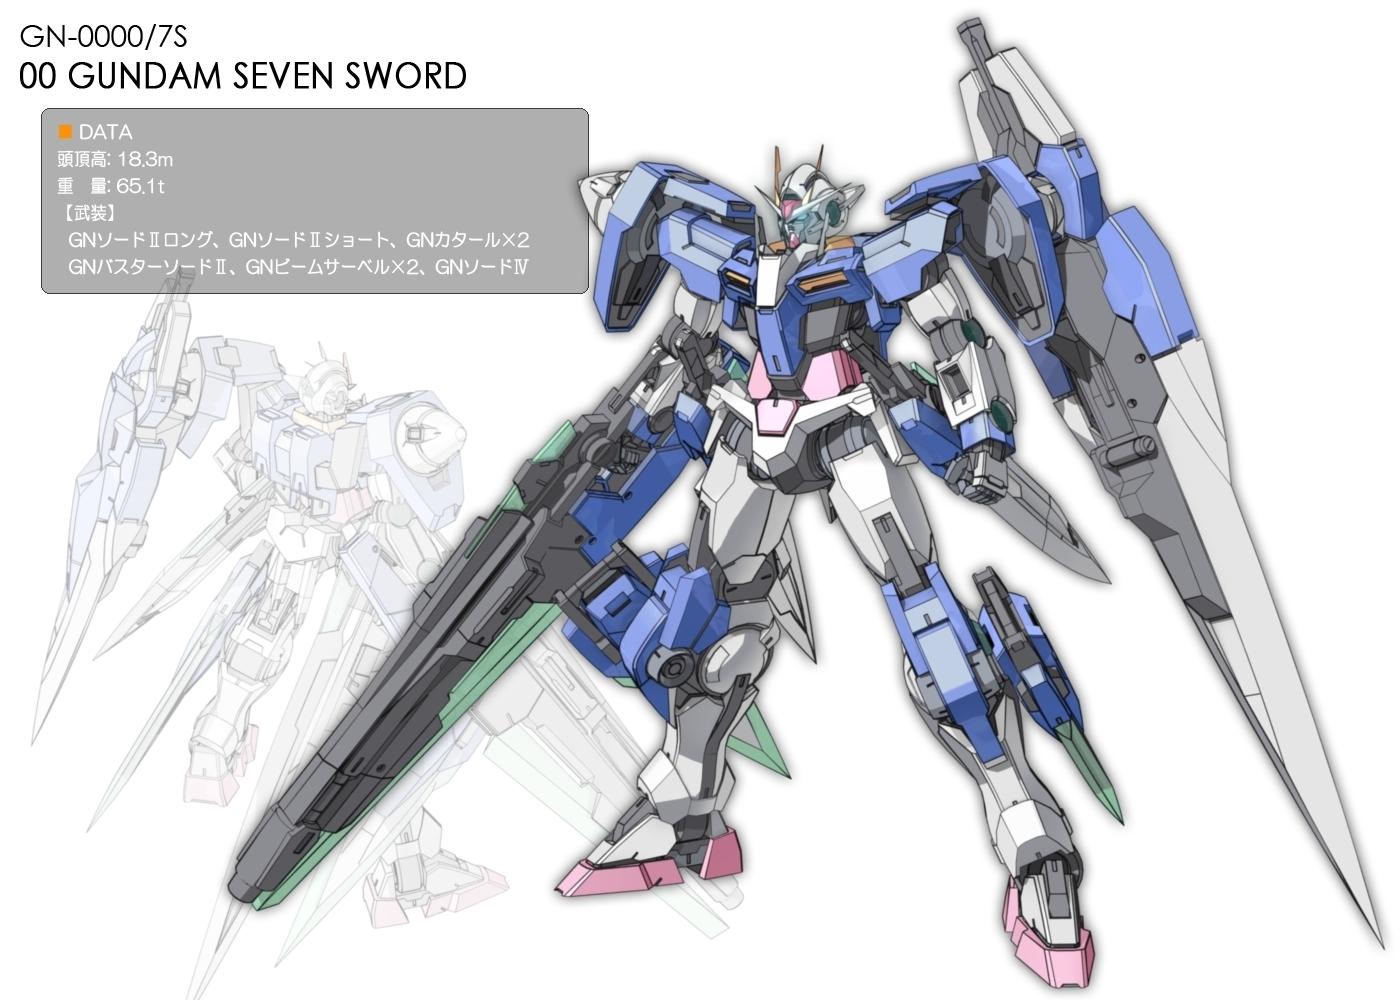 Gundam 00 11 Desktop Background